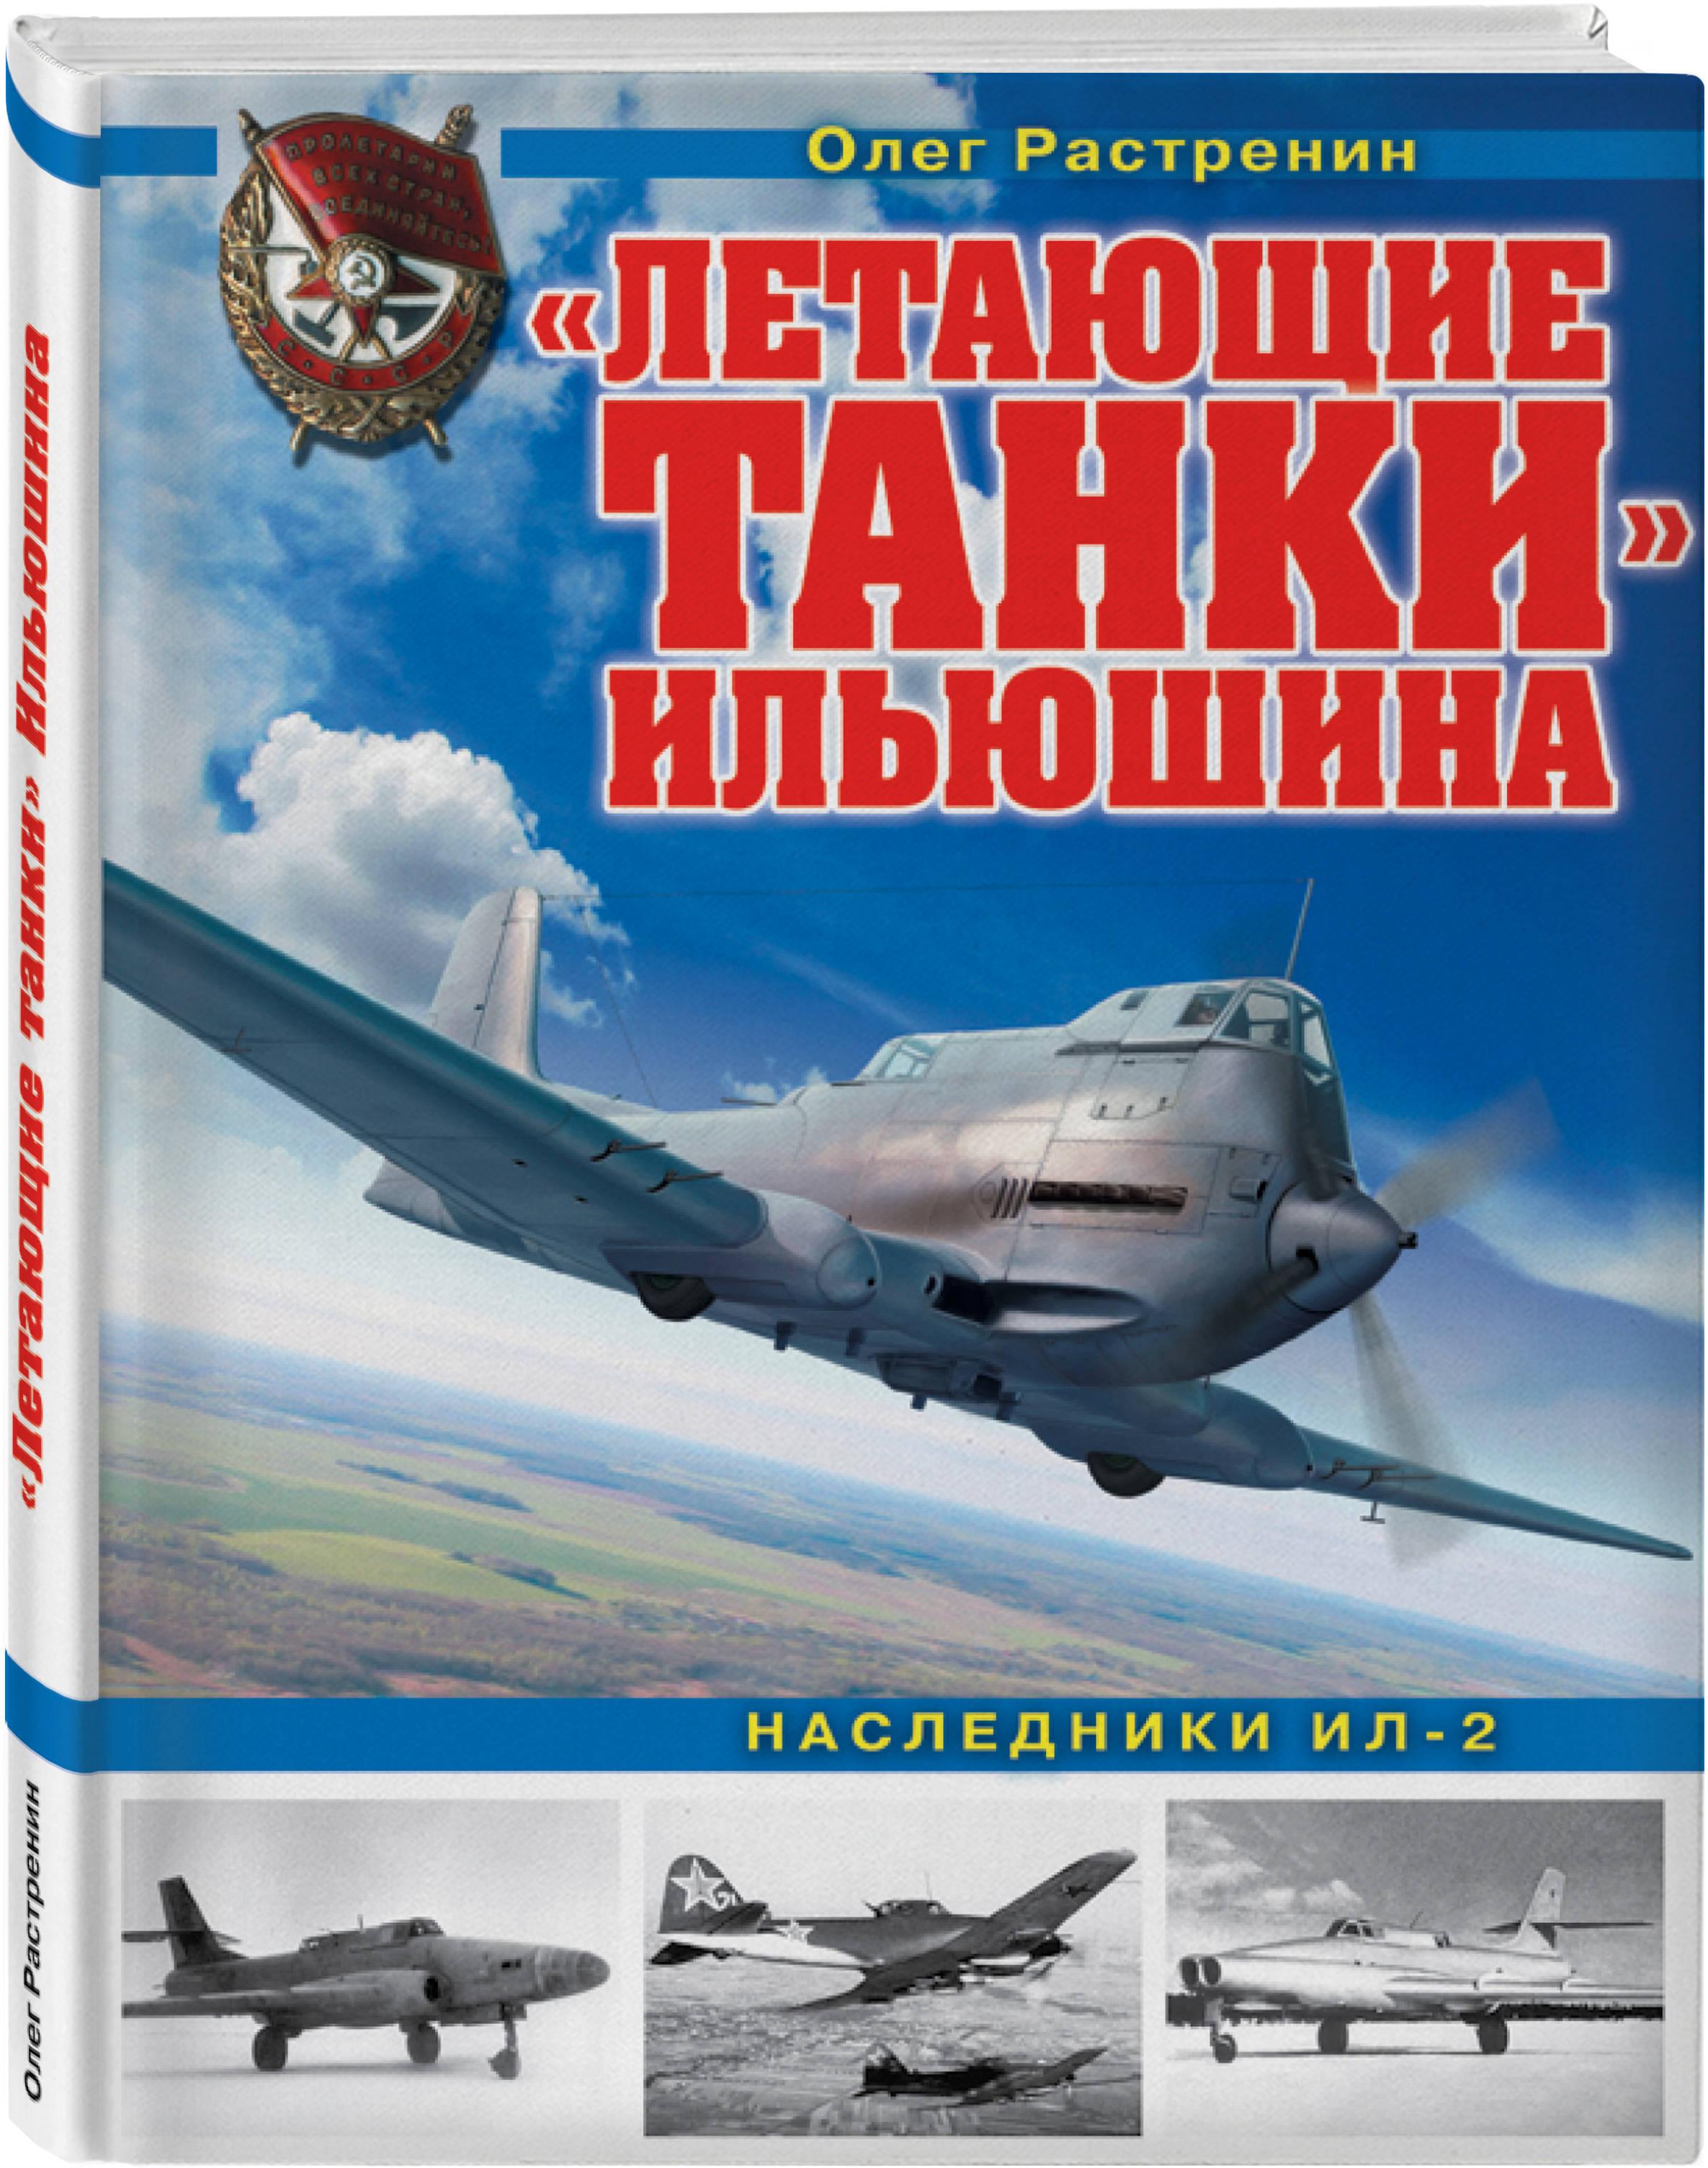 Растренин О.В. «Летающие танки» Ильюшина. Наследники Ил-2